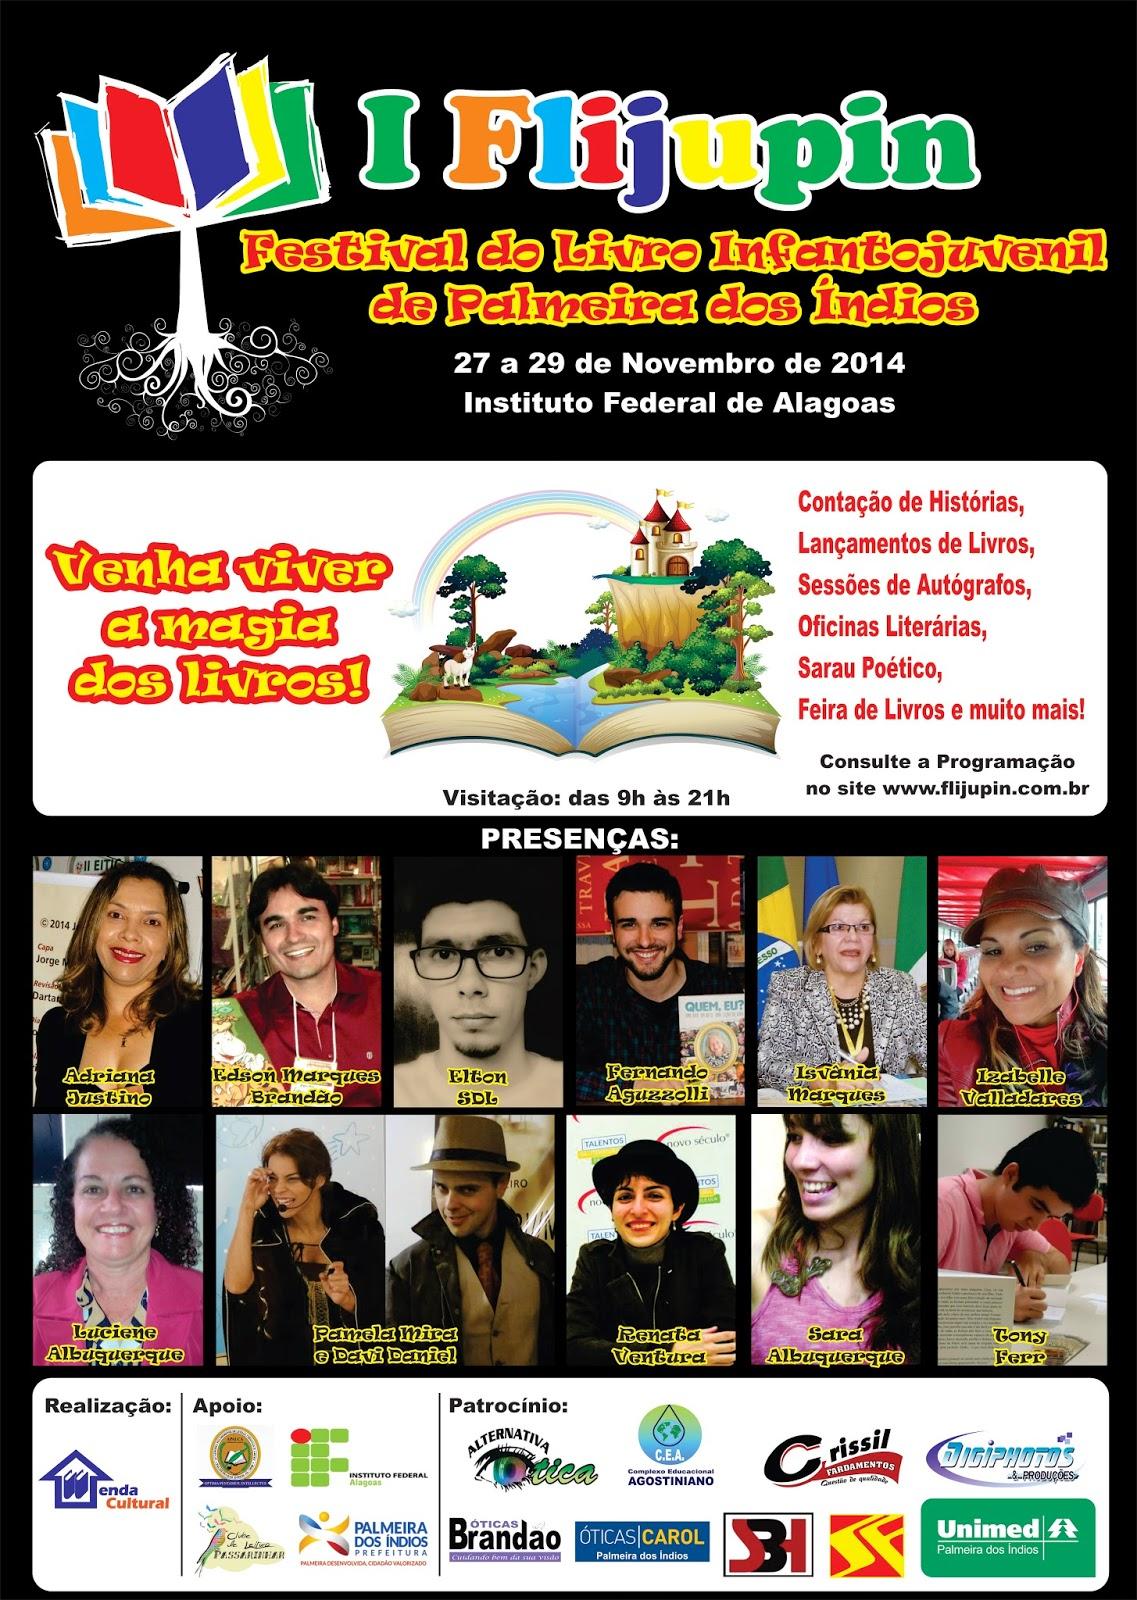 I Festival do Livro Infantojuvenil de Palmeira dos Índios